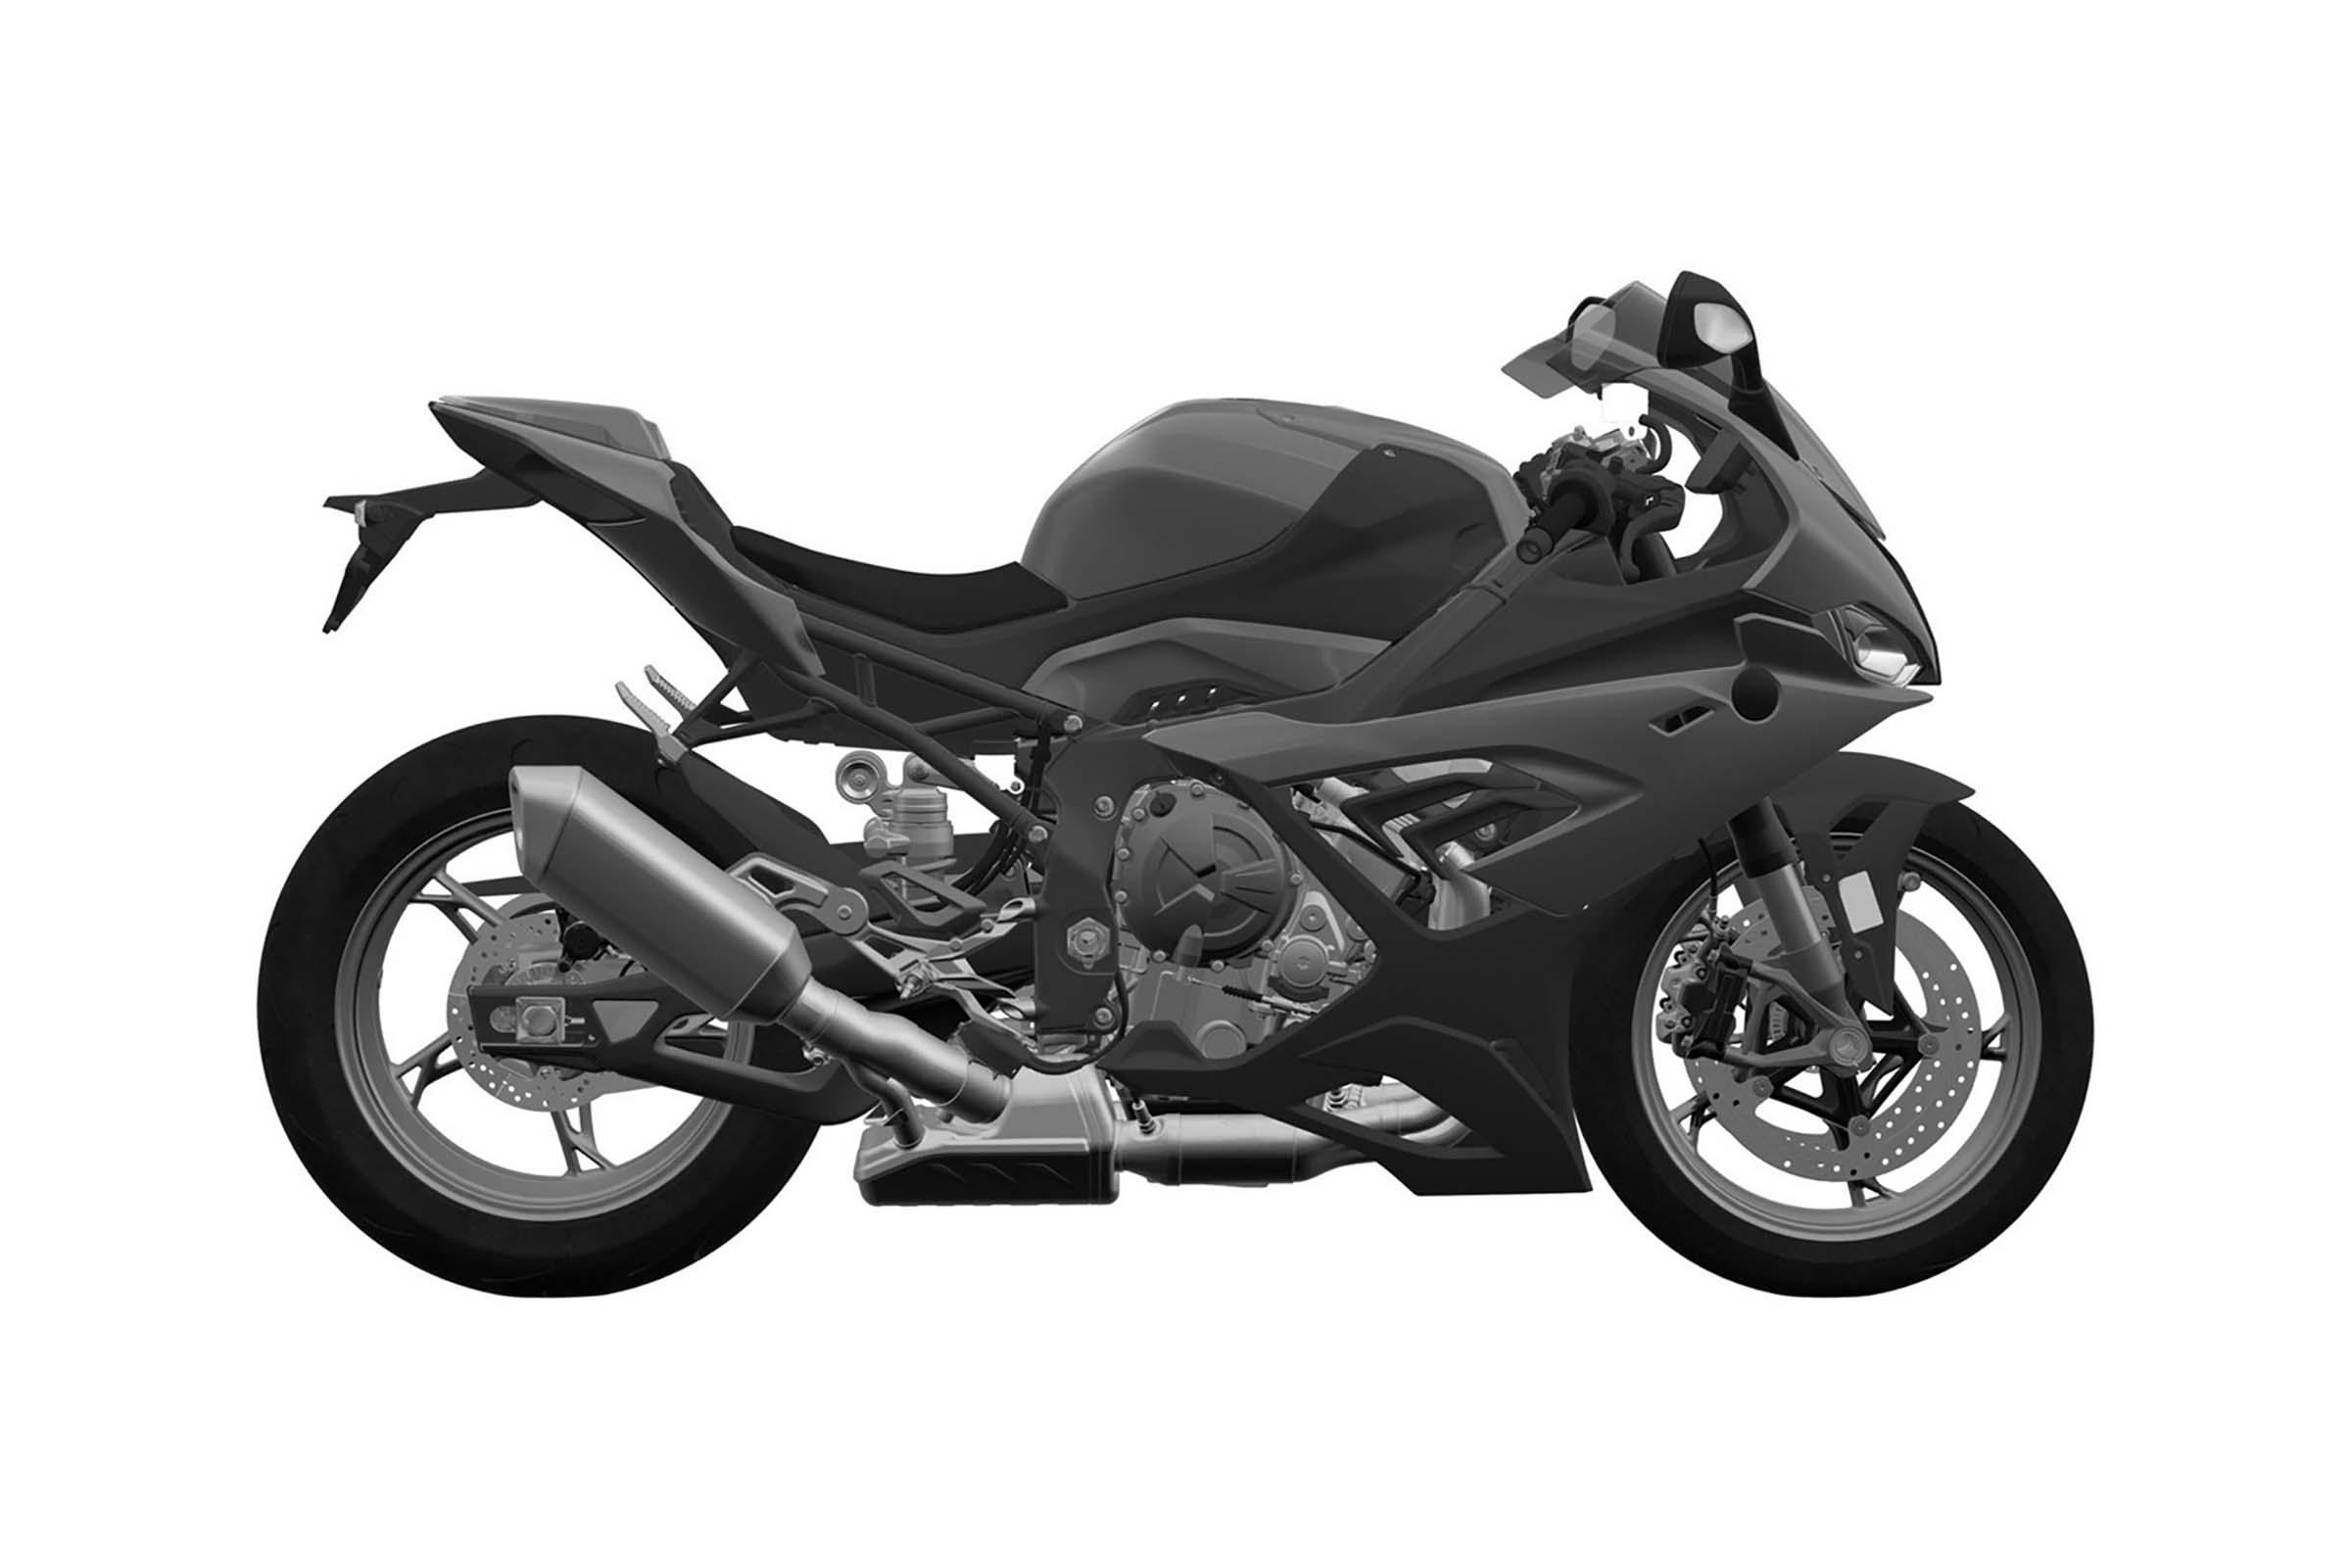 bmw begins teasing its new s1000rr superbike asphalt rubber rh asphaltandrubber com